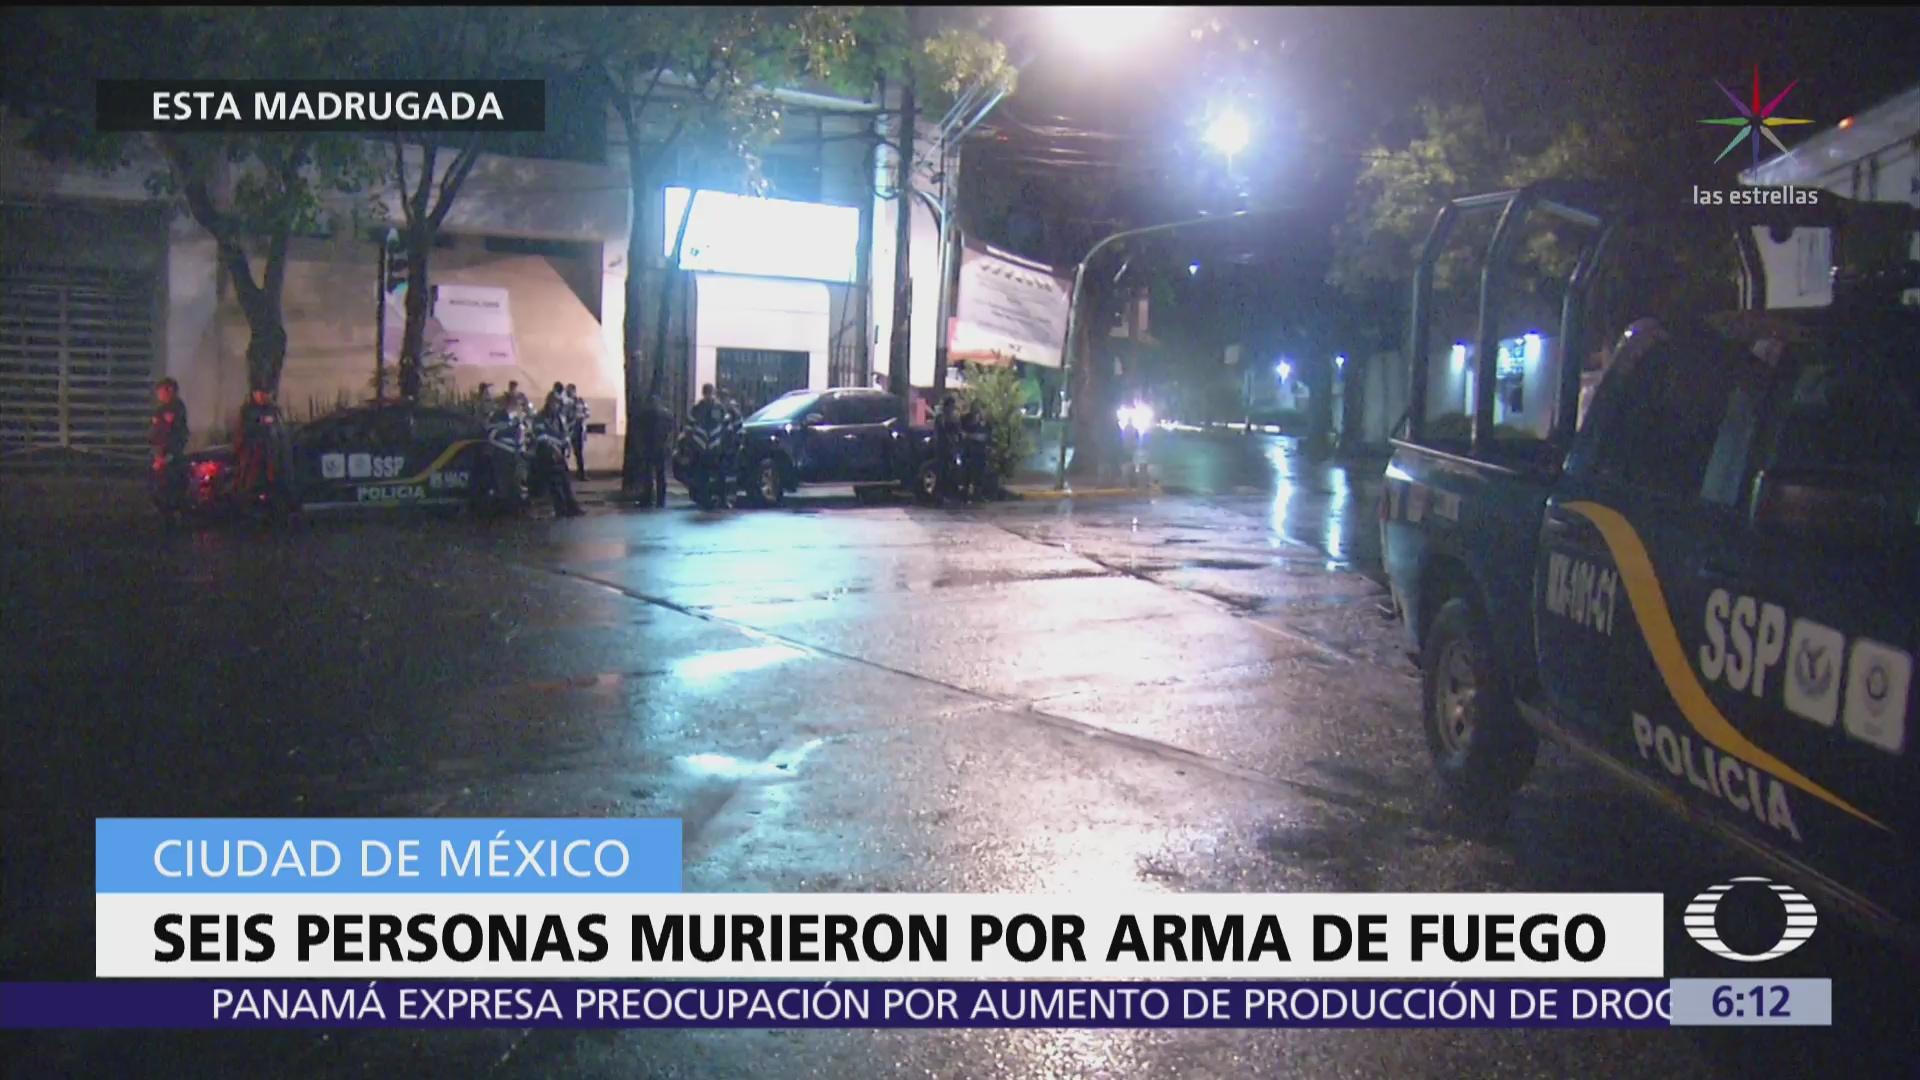 Seis personas mueren por arma de fuego en la CDMX